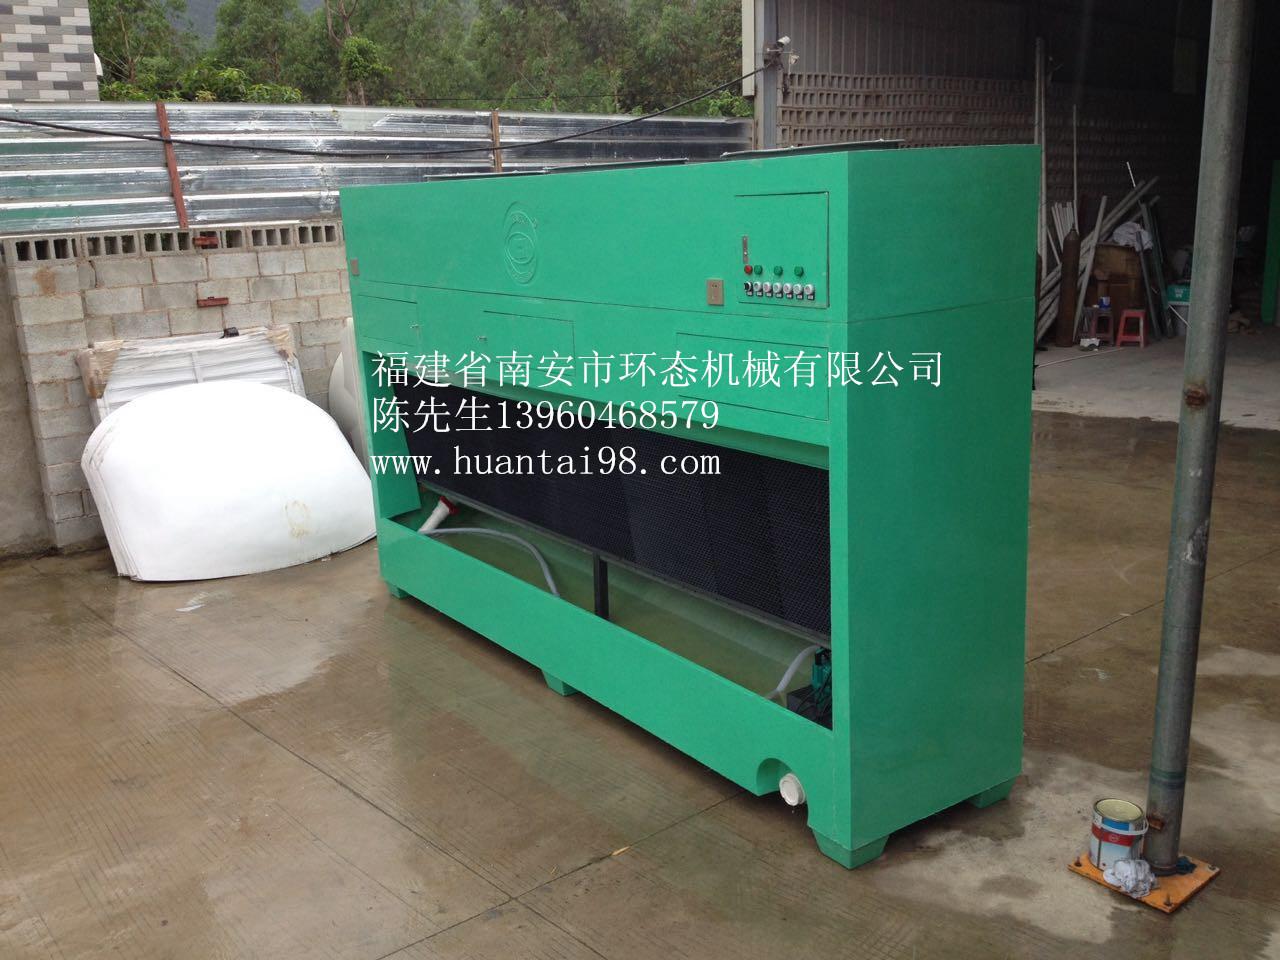 好的玻璃钢除尘设备价格怎么样 莆田除尘设备供应厂家